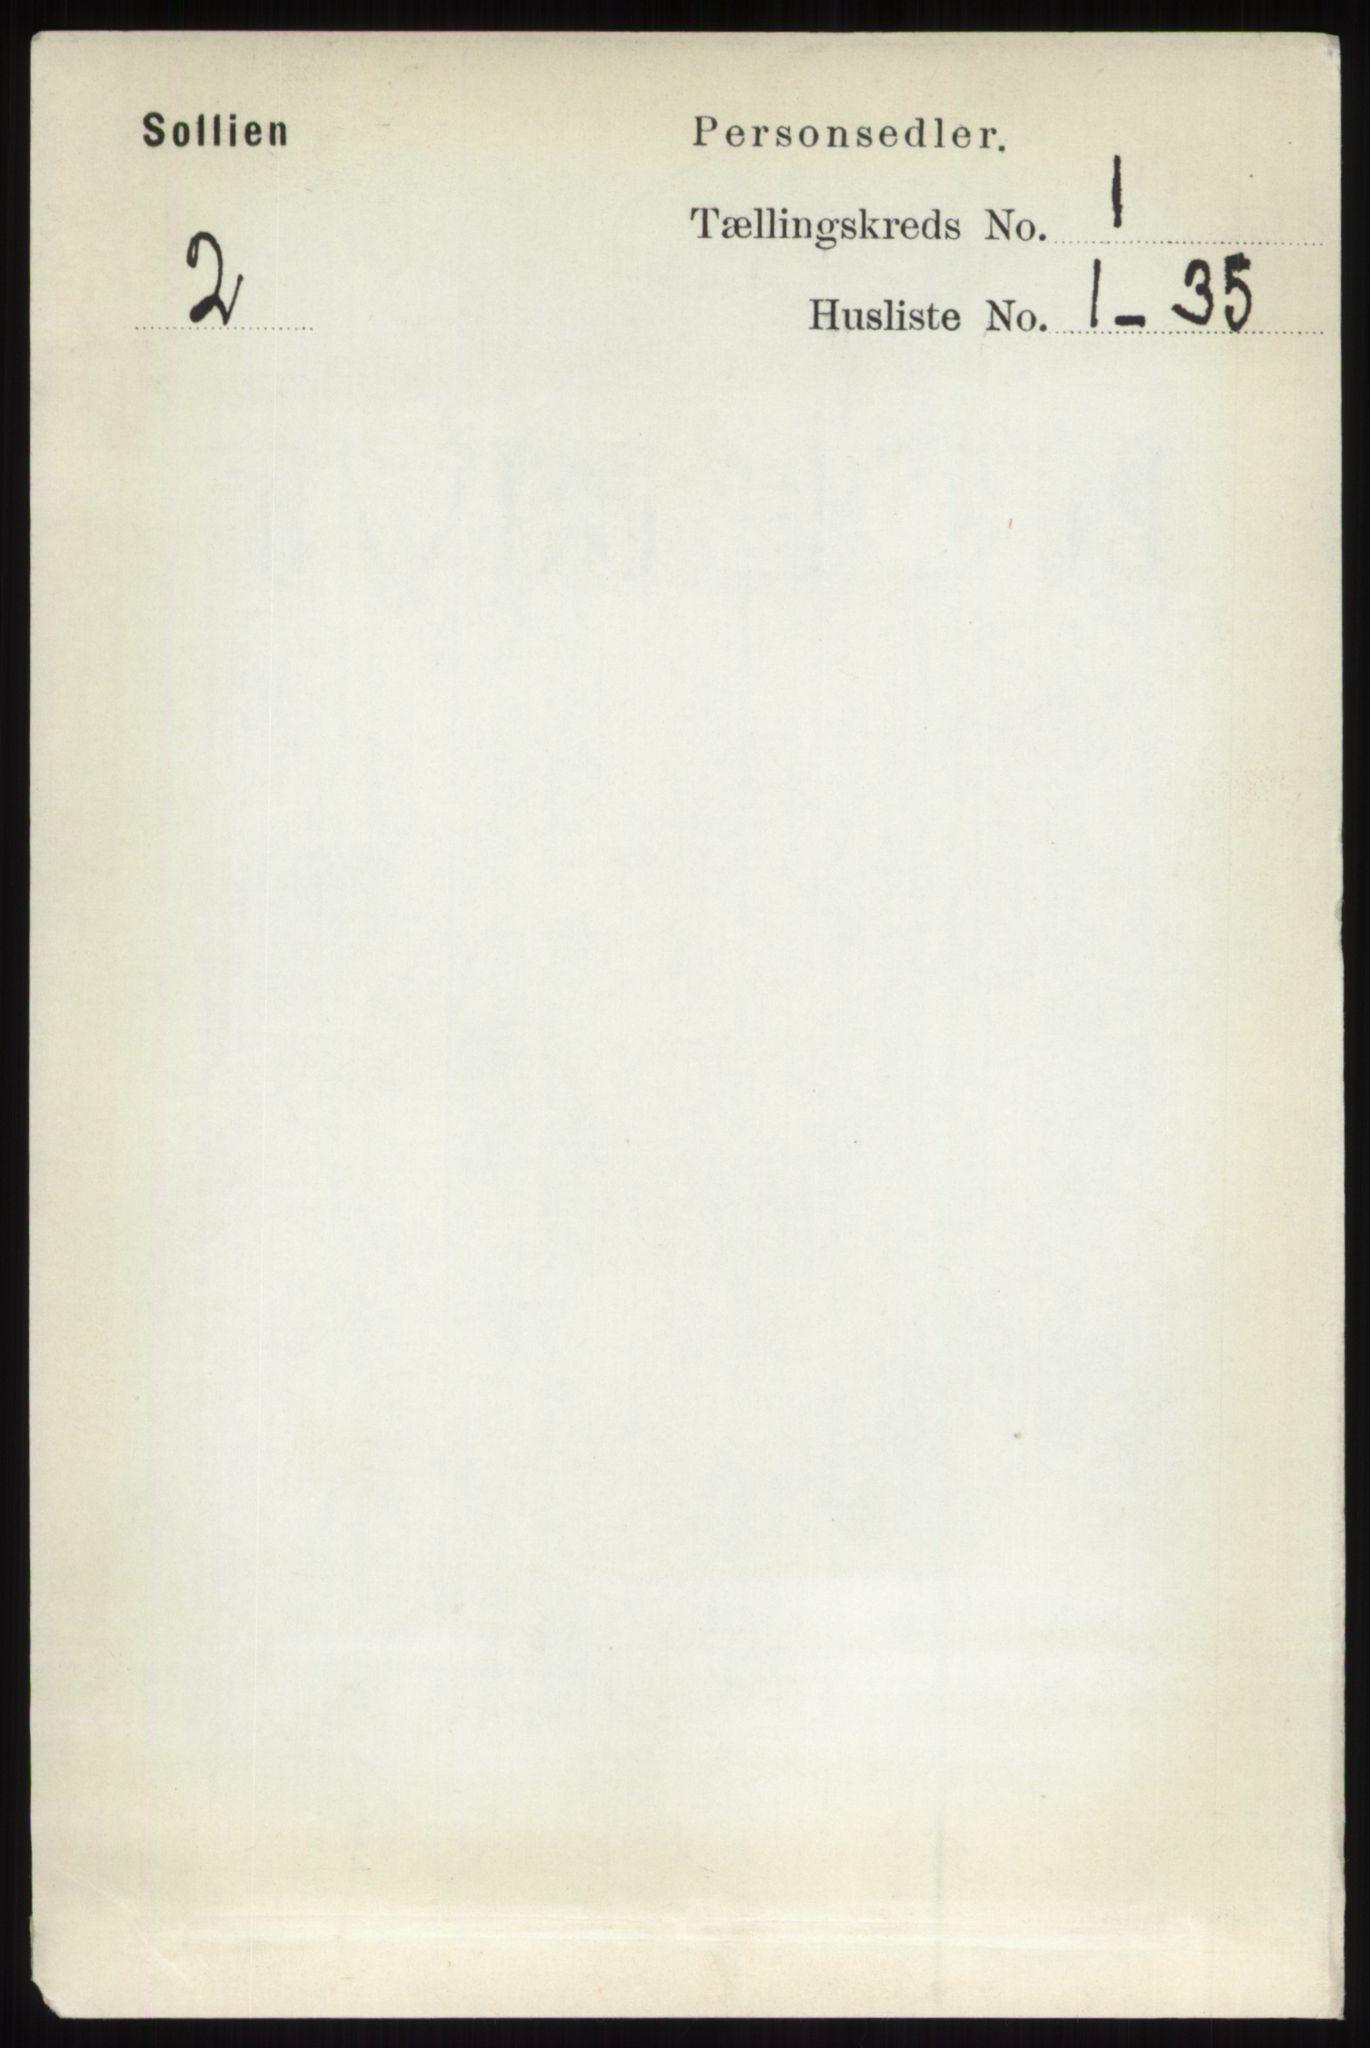 RA, Folketelling 1891 for 0431 Sollia herred, 1891, s. 92